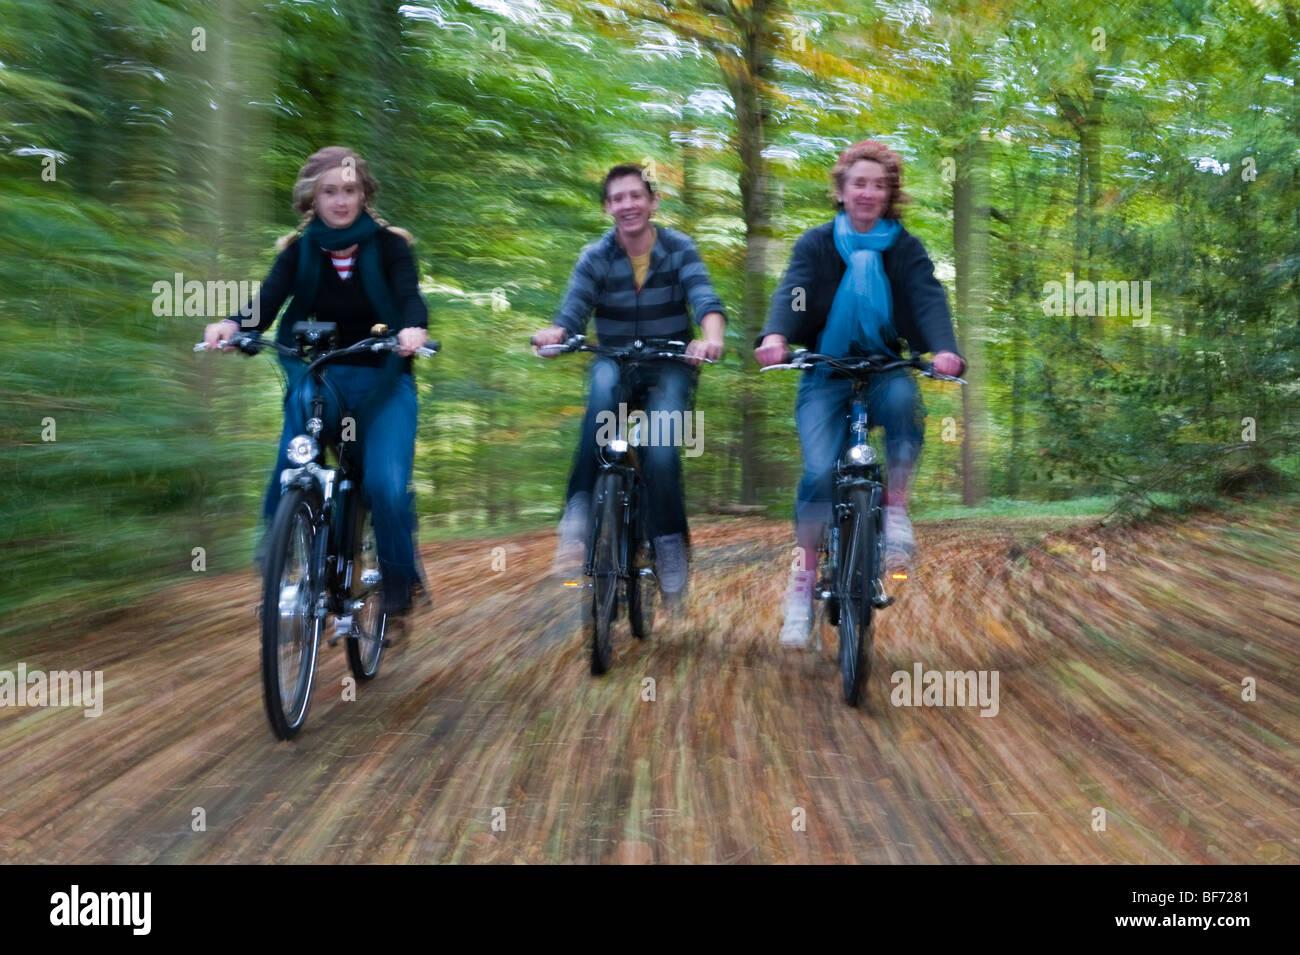 Drei Jugendliche fahren ihre e-Bikes entlang ein Wald im Herbst (Motion Blur) Stockbild